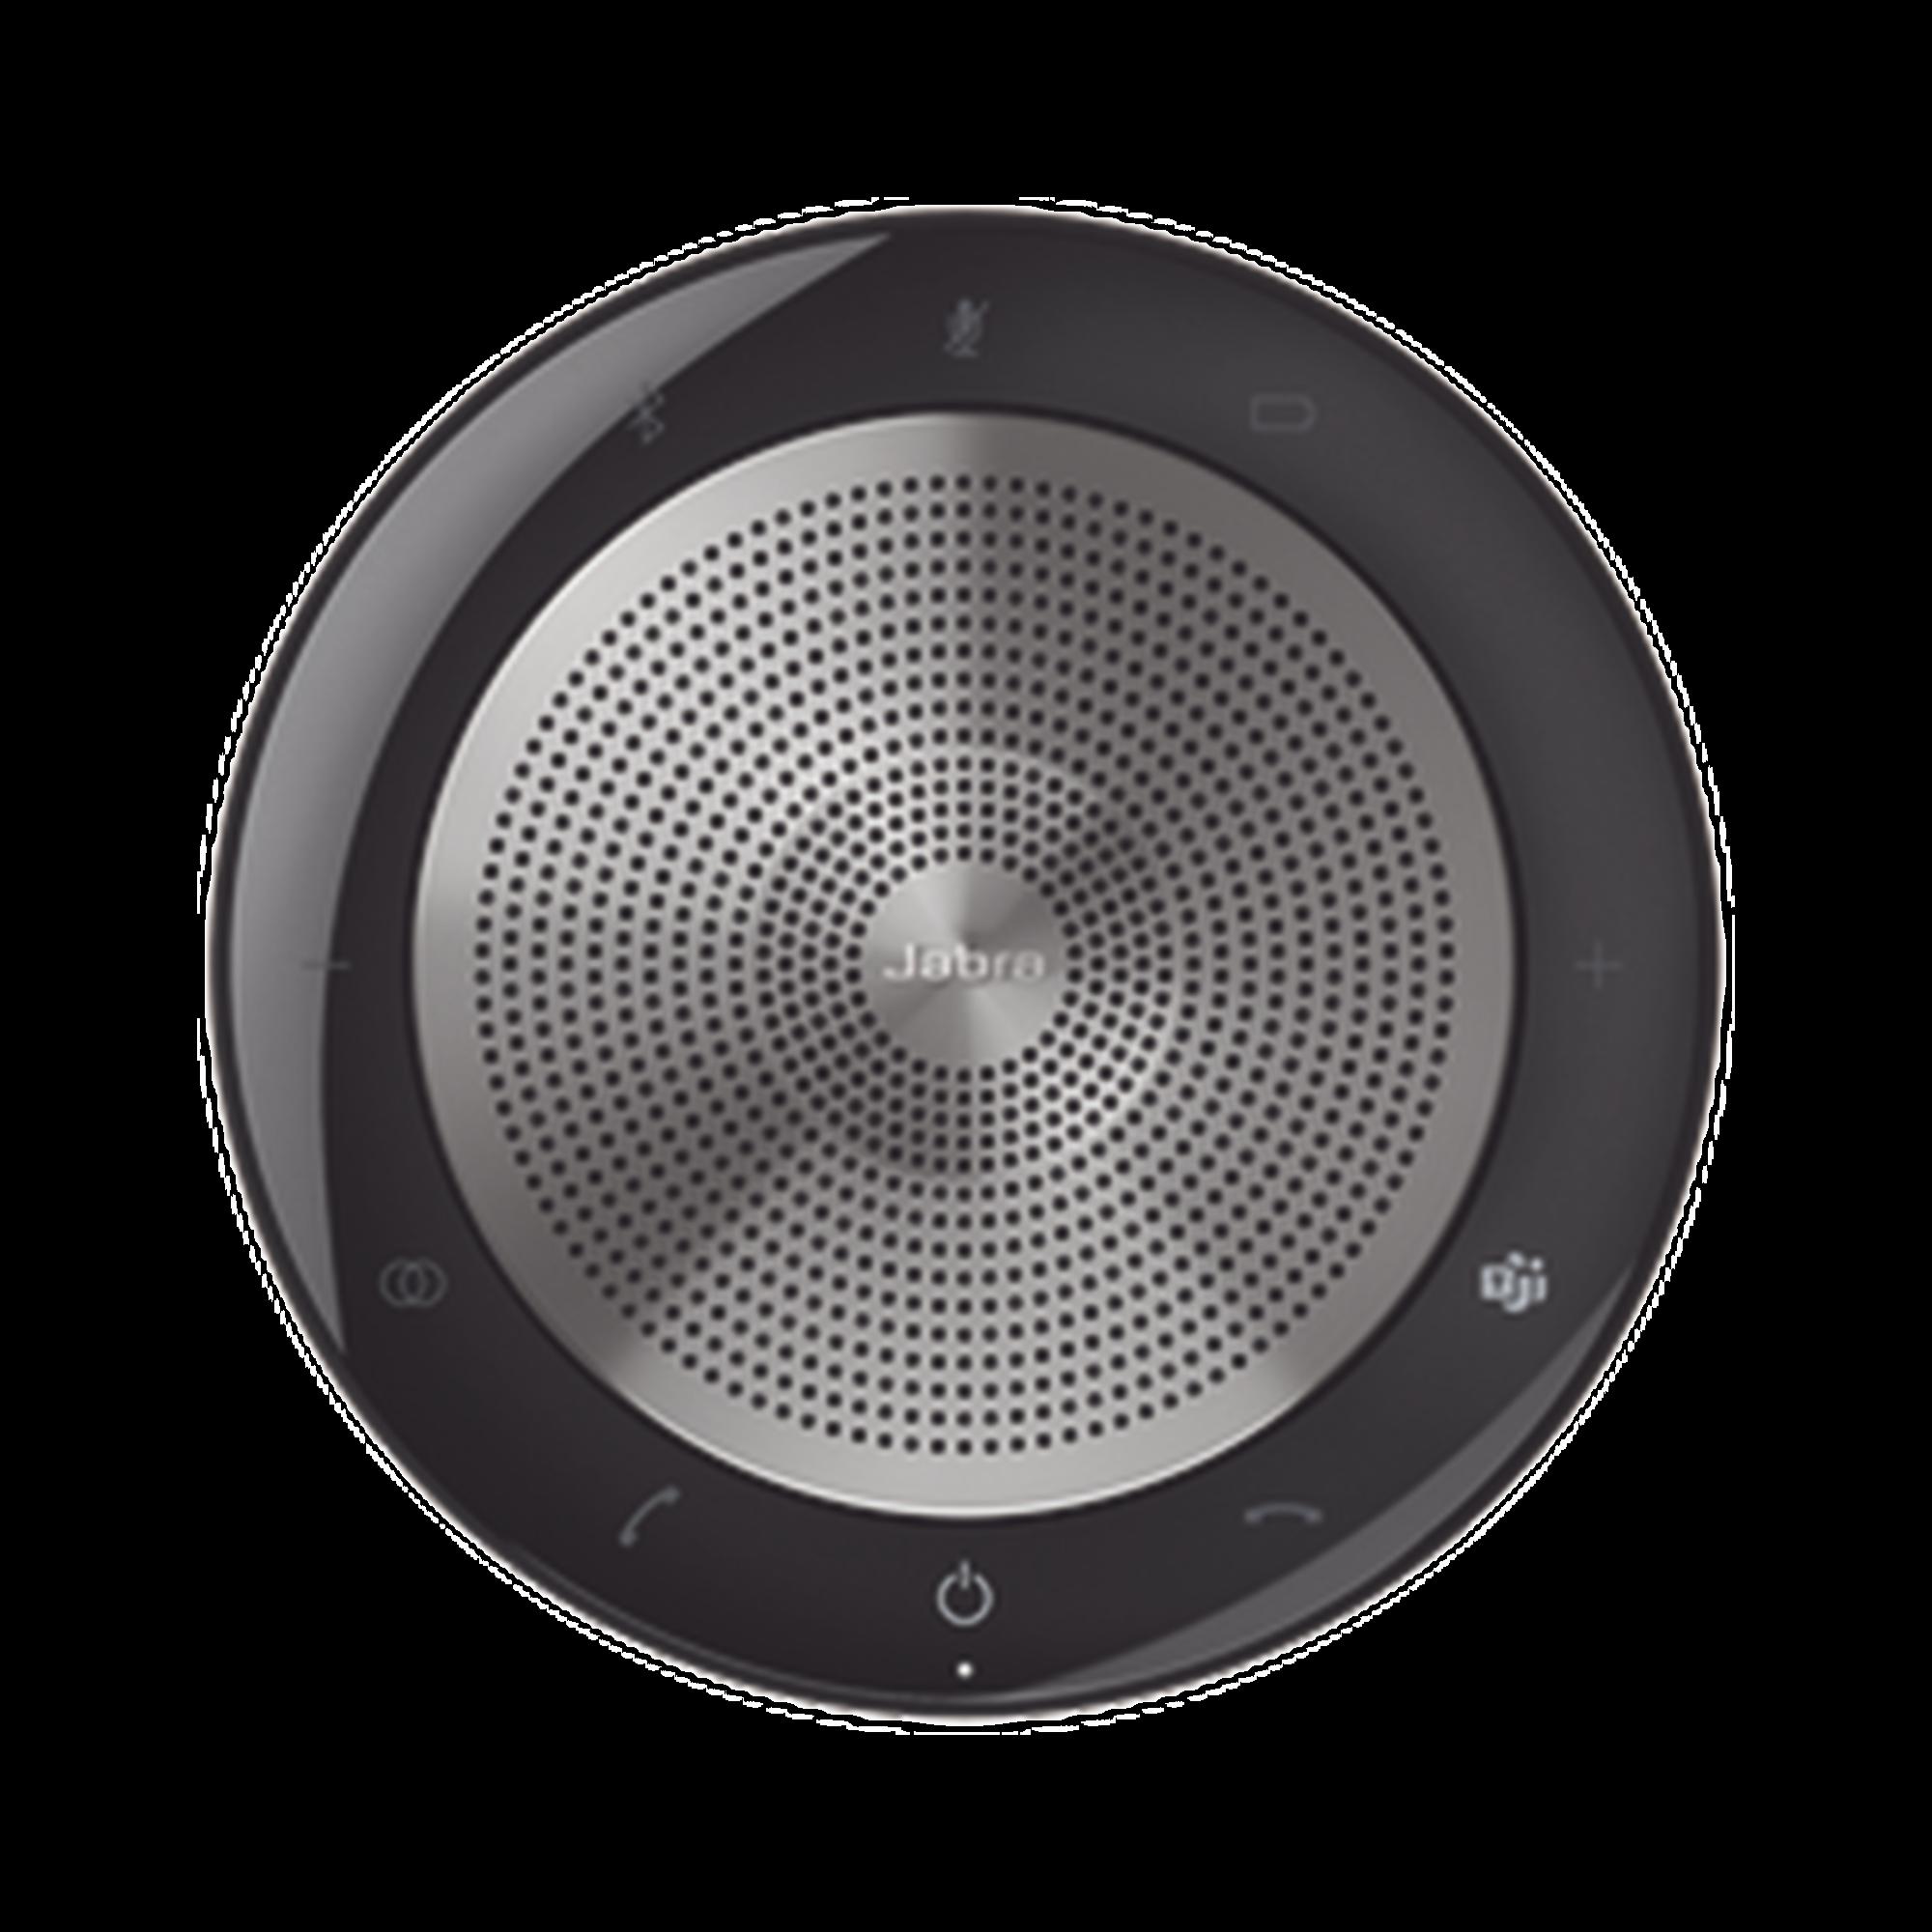 Speak 750, Altavoz con micrófono, portátil, sonido increíble para conferencias y Microsoft Teams, Microsoft Teams Rooms, Skype Empresarial, cancelador de eco acústico (7700-309)